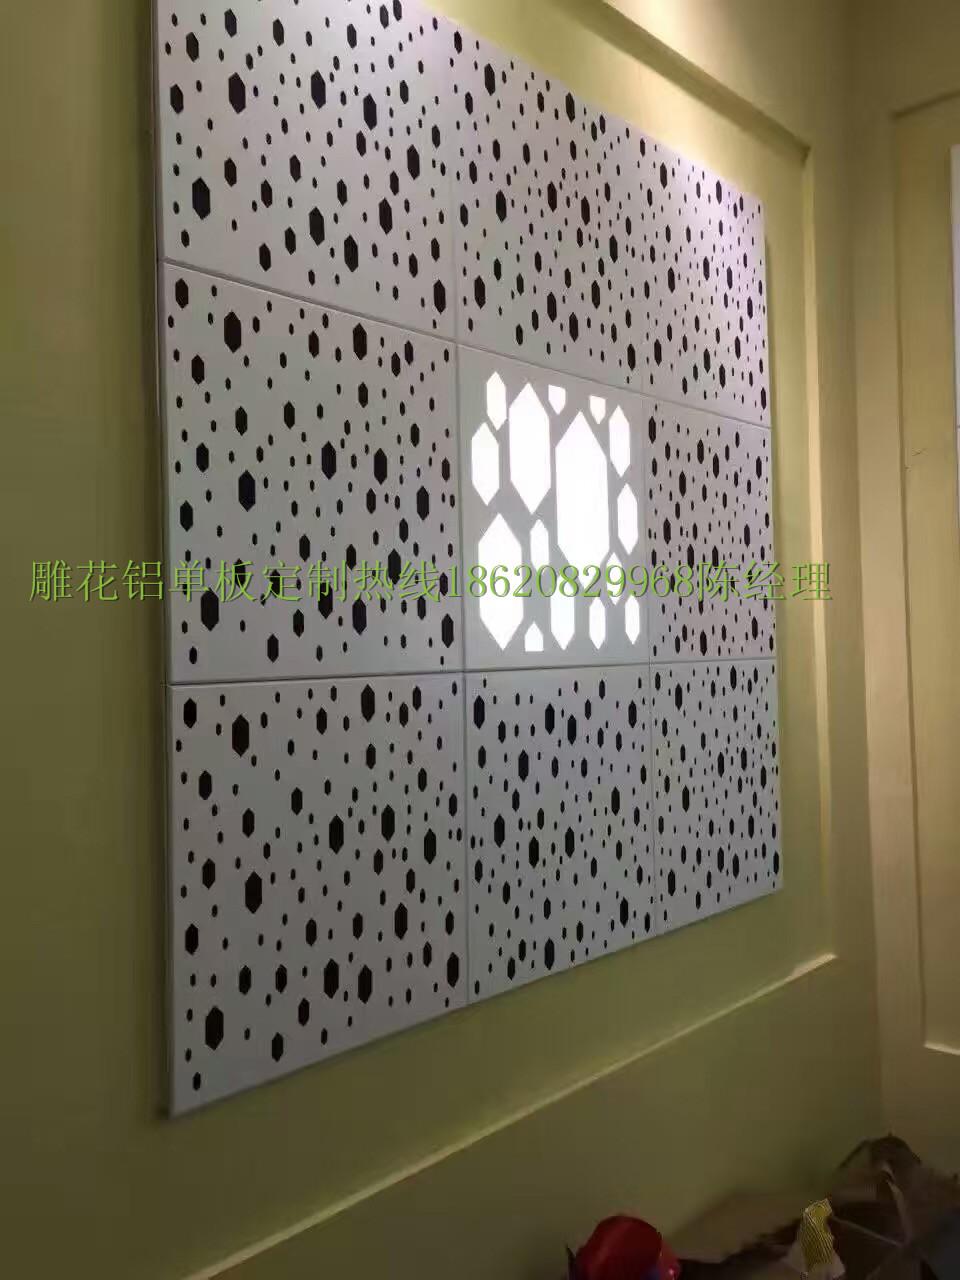 福建雕花铝单板厂家 外墙雕花铝单板款式 广东欧佰雕花铝单板厂家